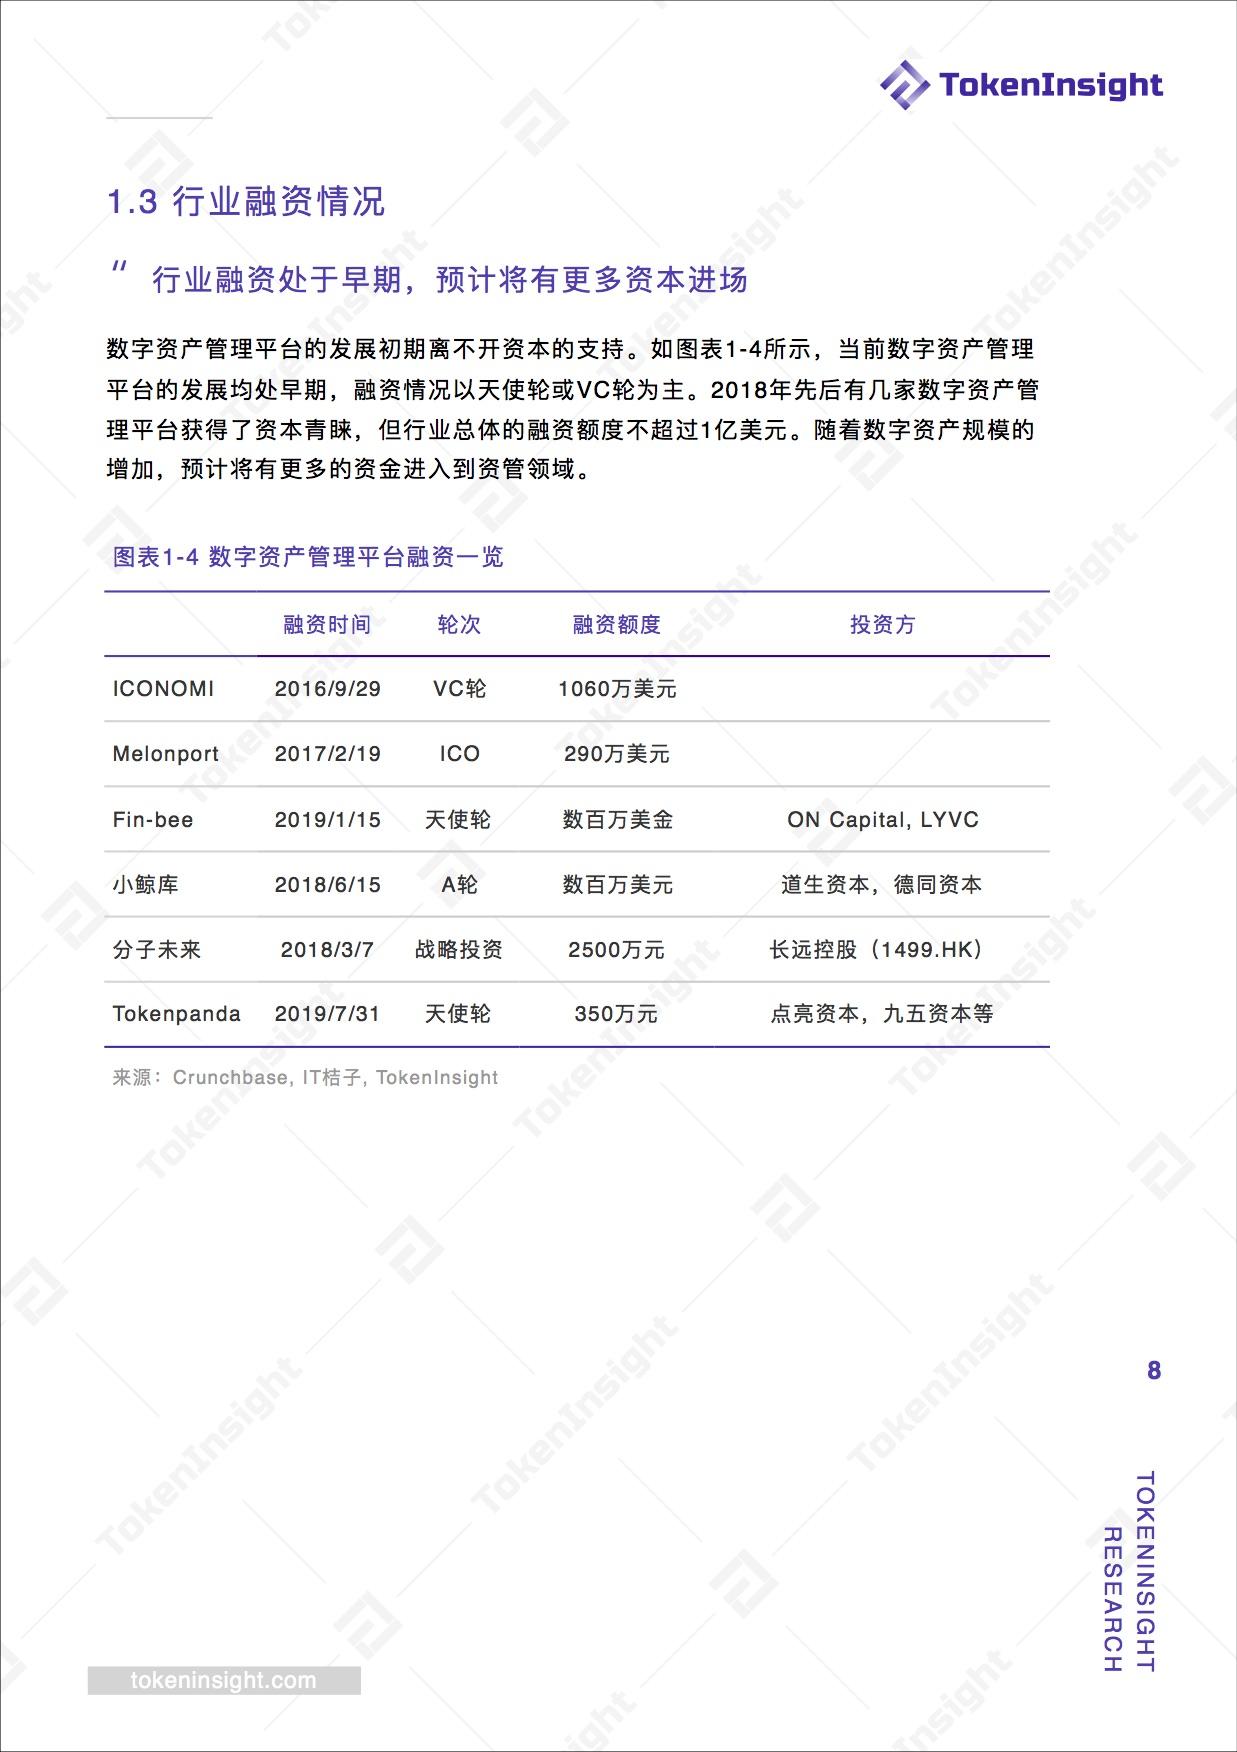 数字资产管理平台行业研究报告